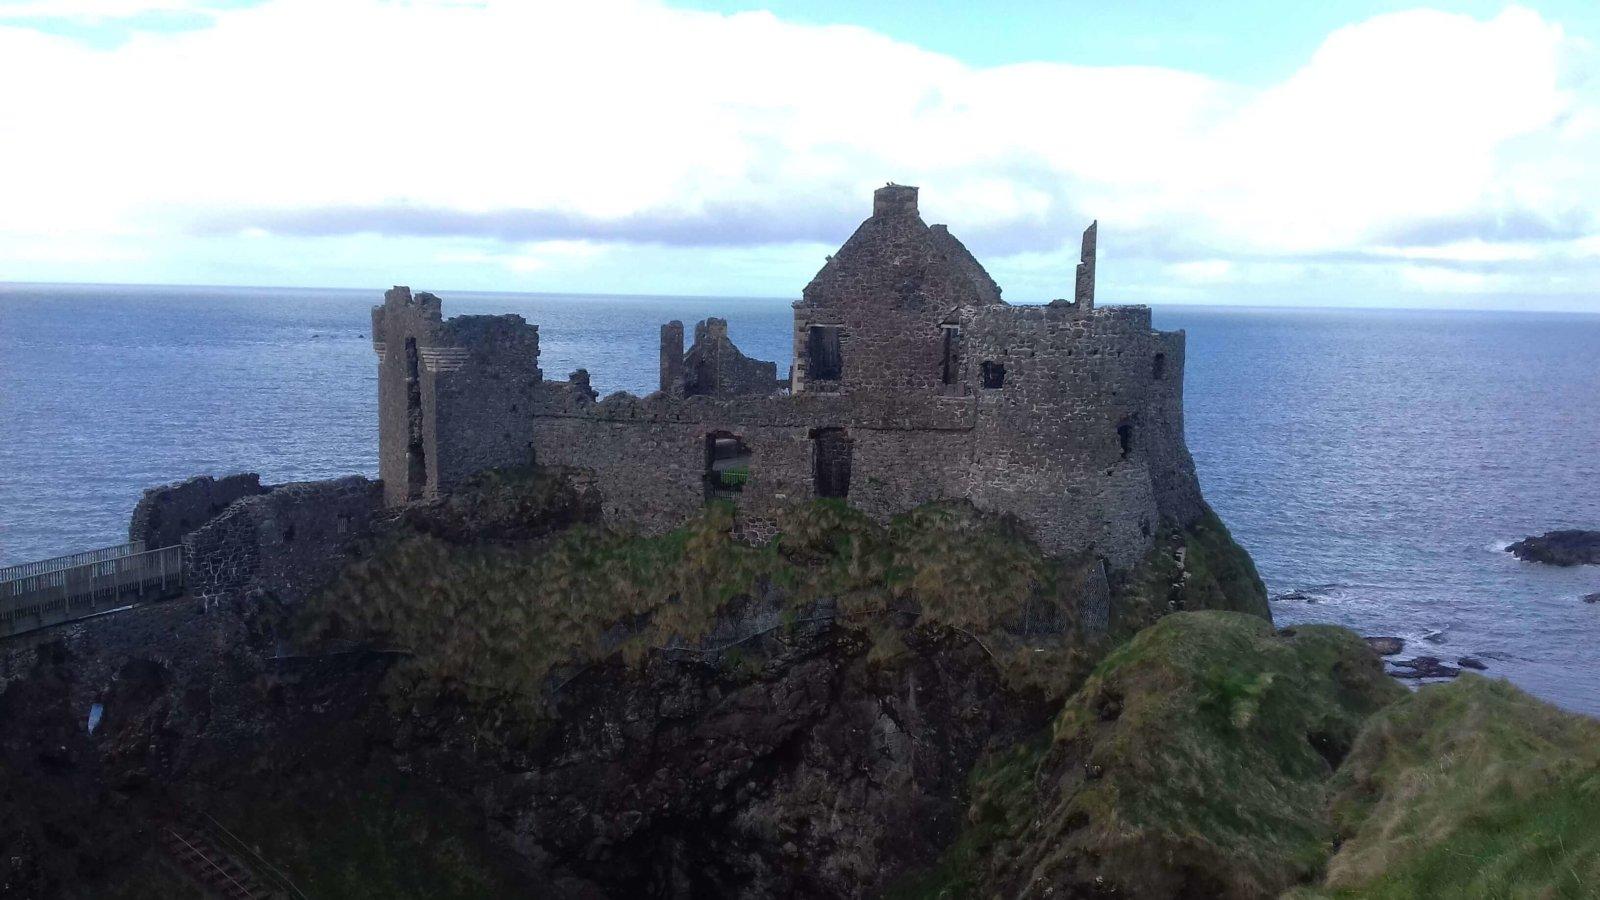 dvorac, dunluce